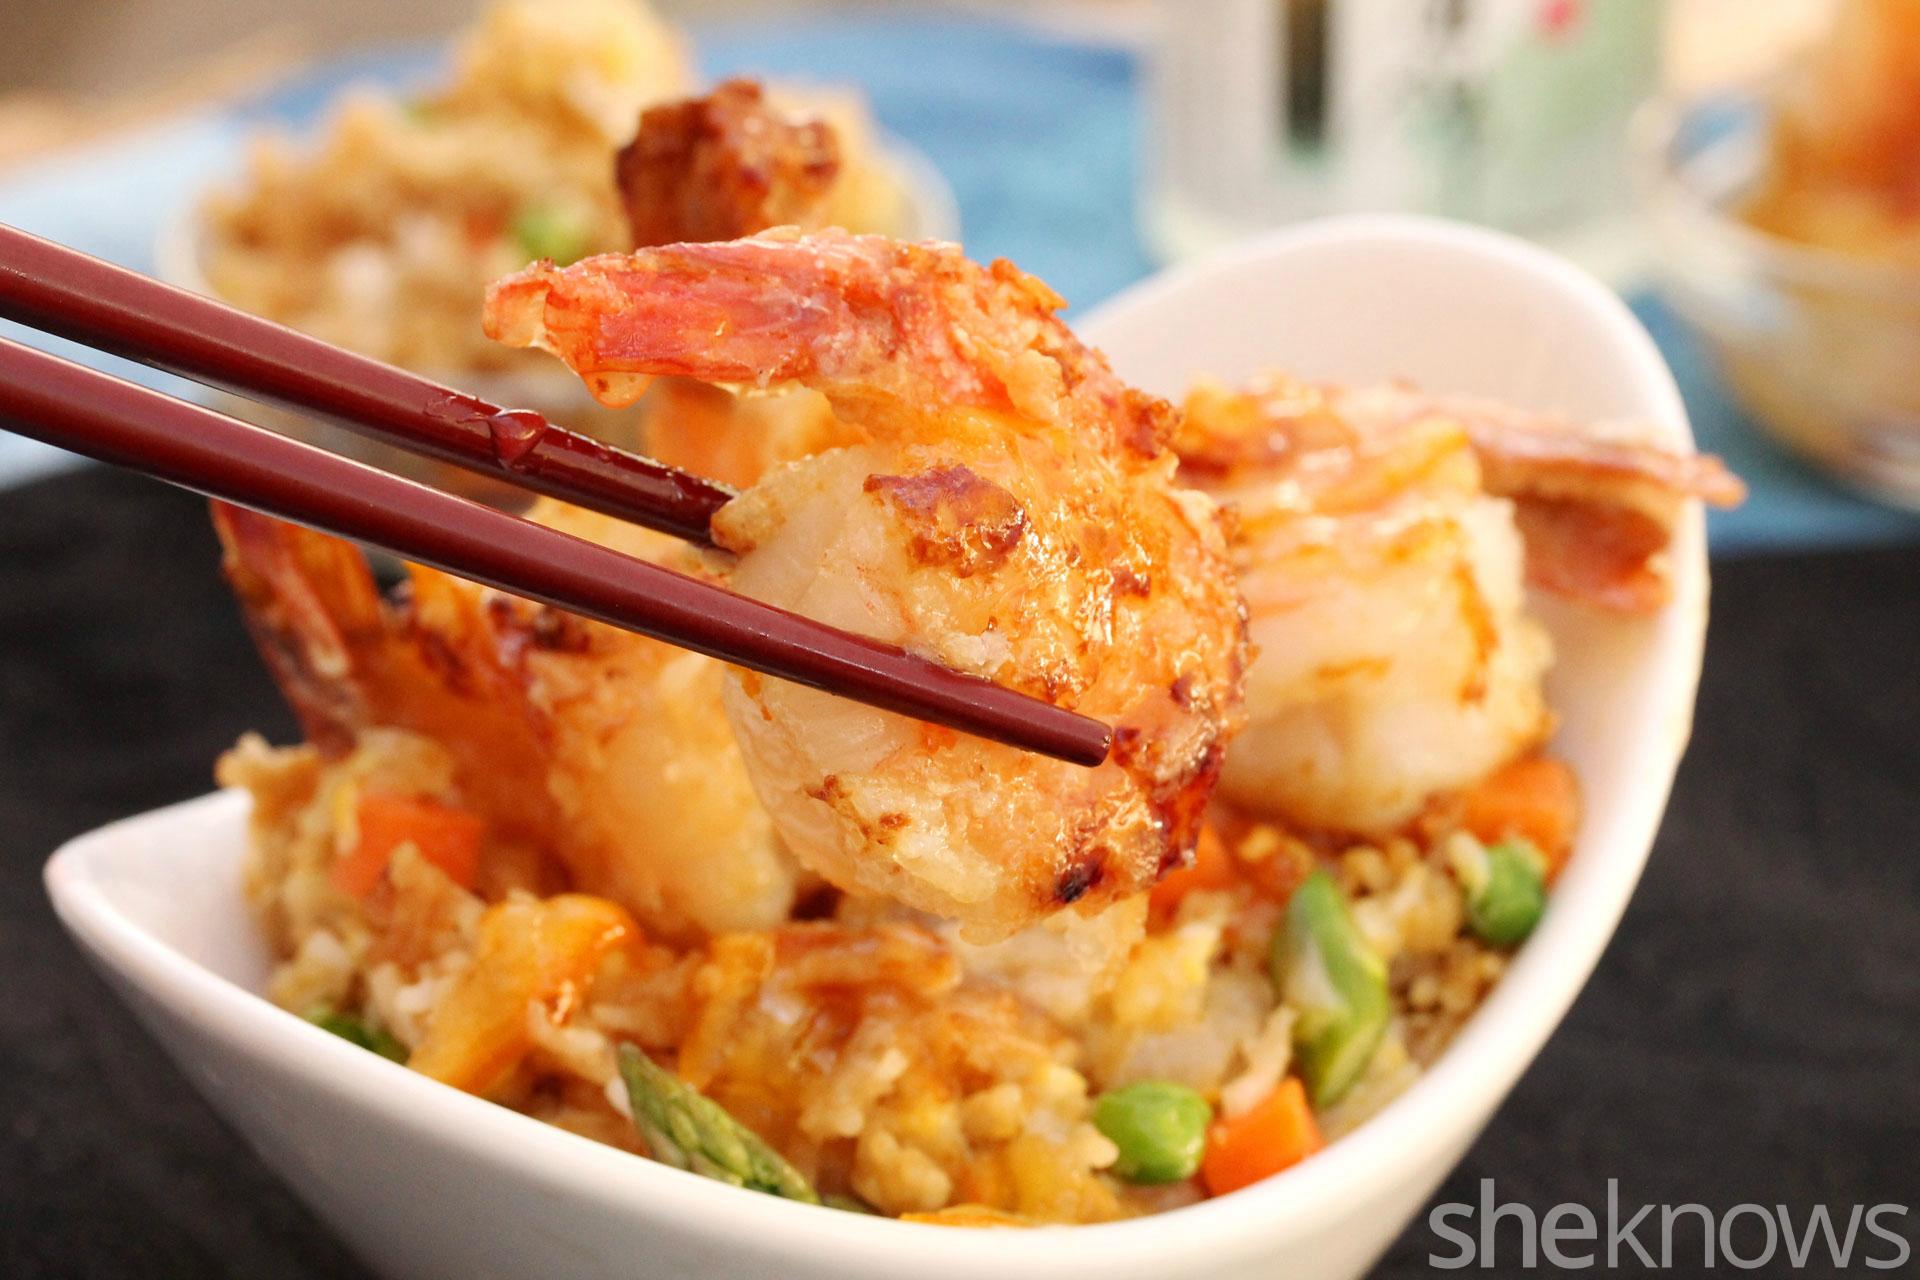 bite-of-orange-shrimp